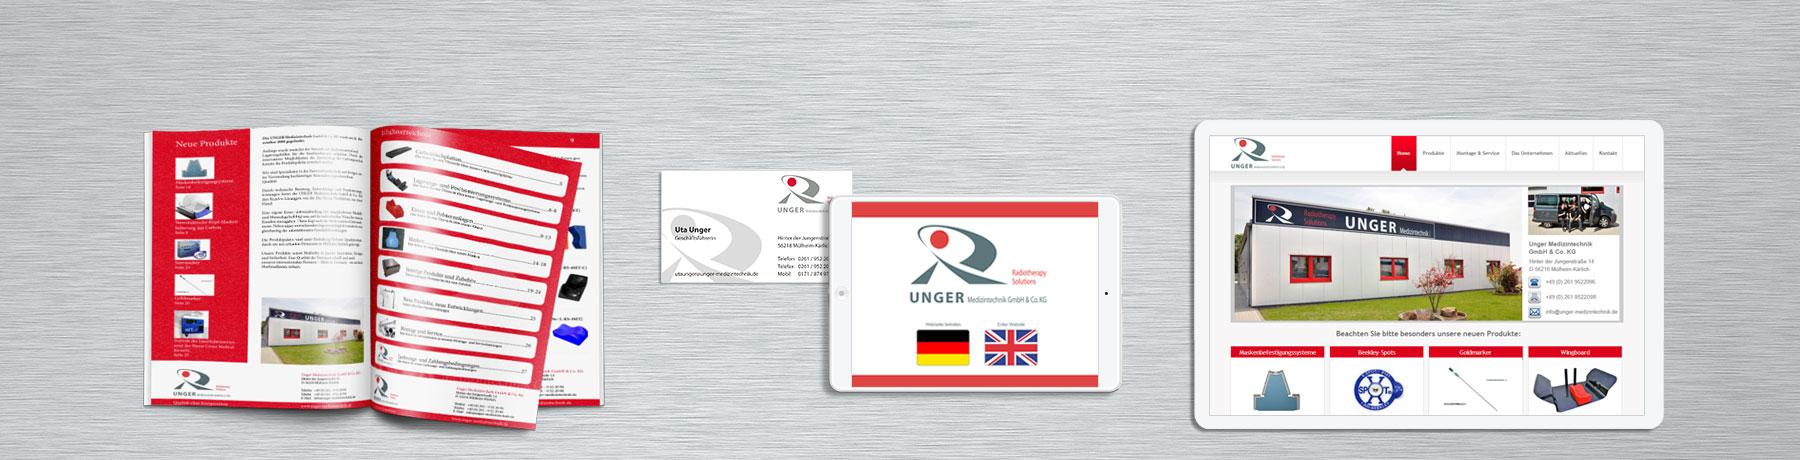 Webentwicklung-Ingelheim am Rhein